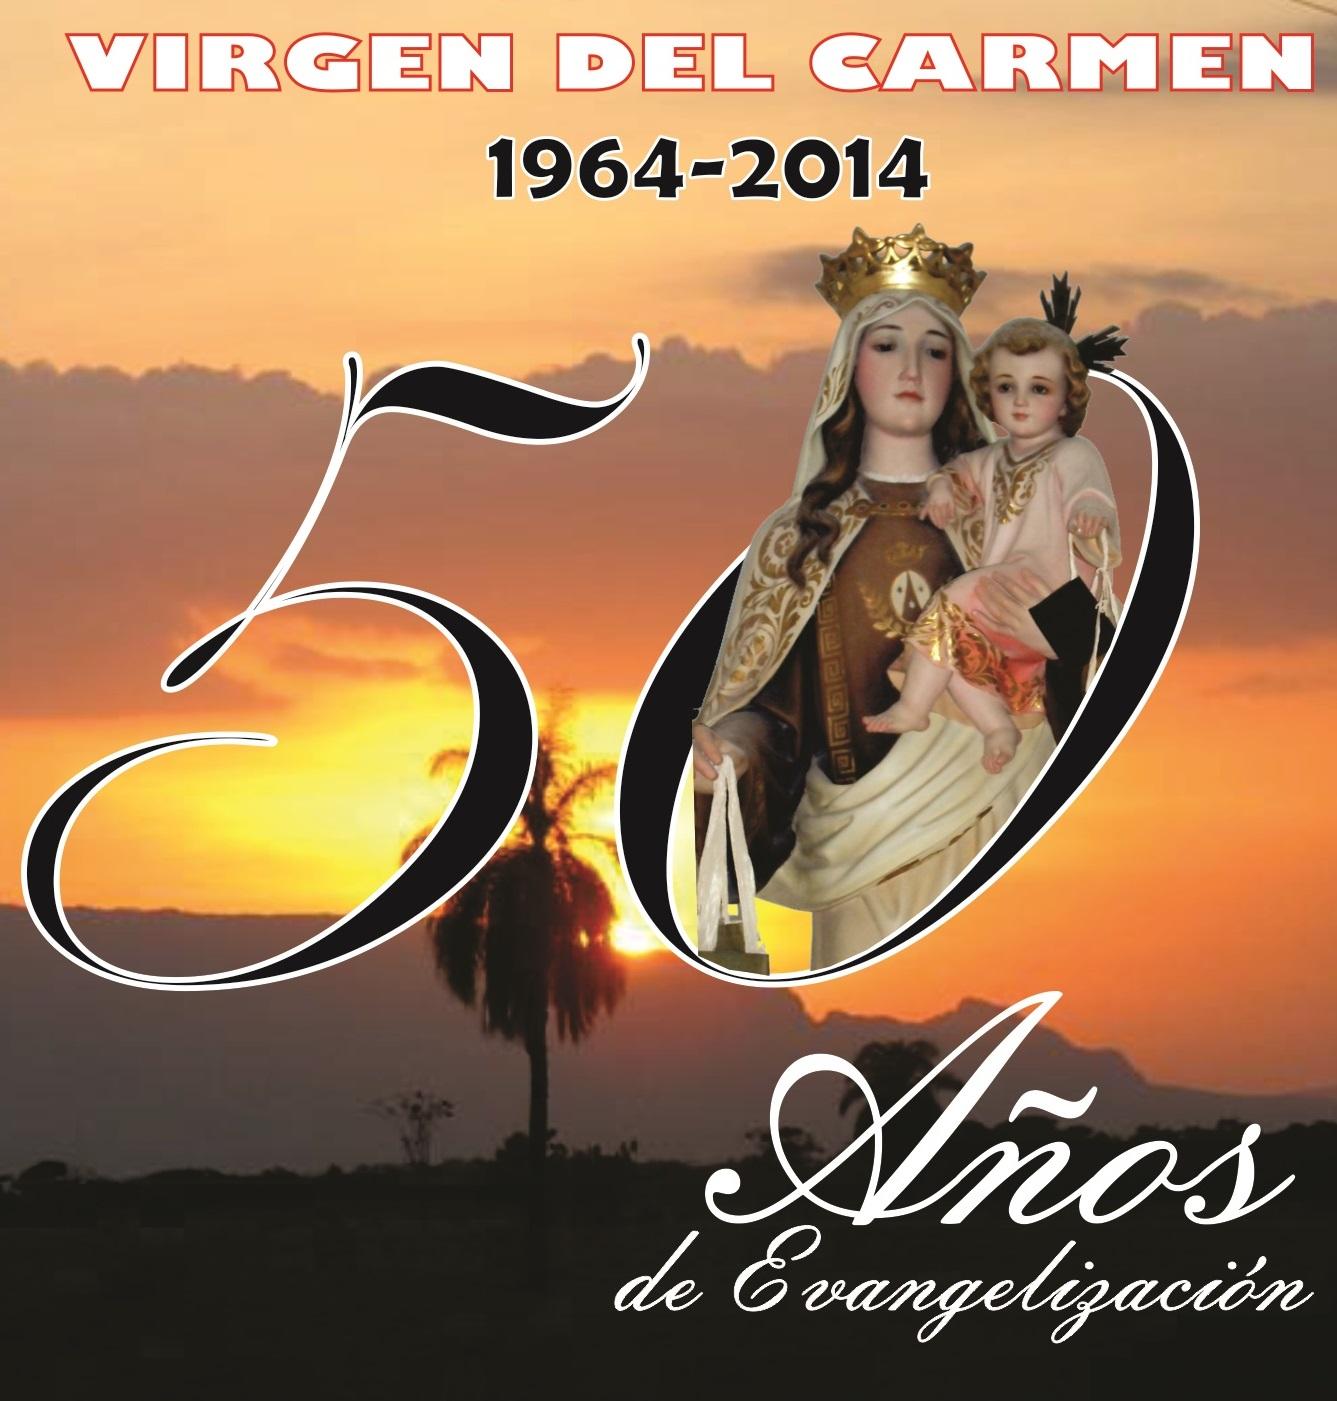 Caratula Novena de la Virgen del carmen